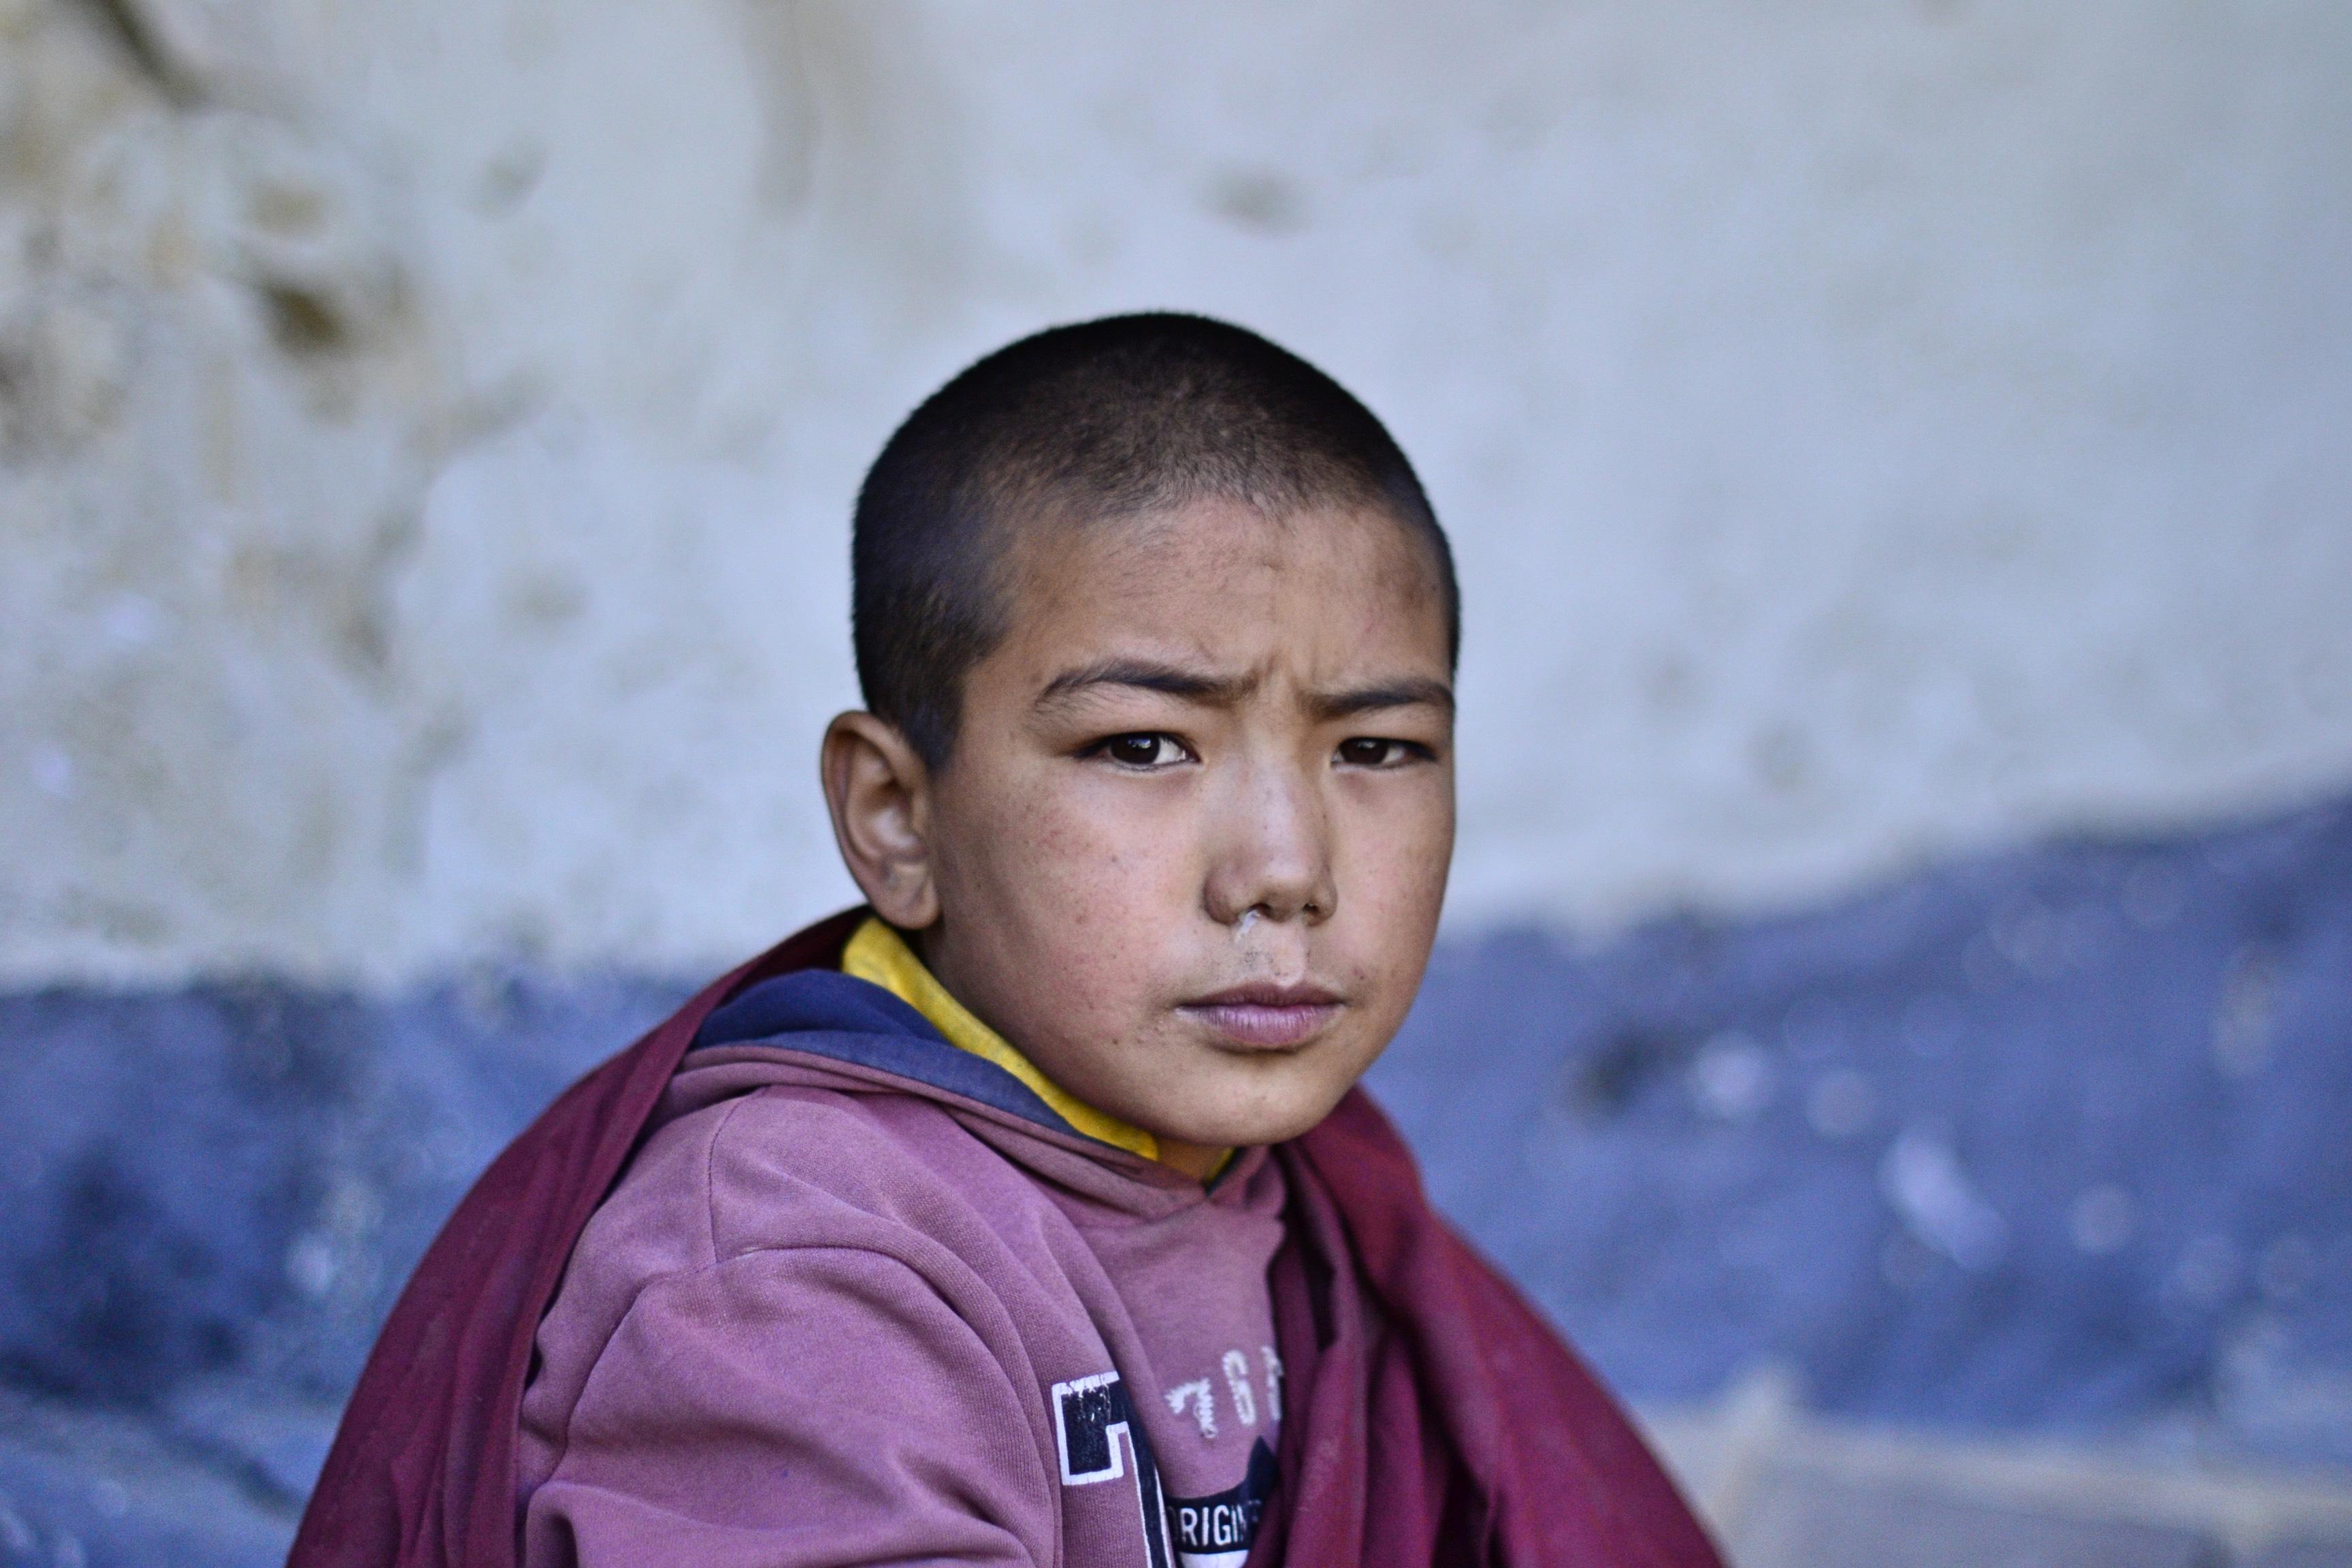 Little monk in a Monastery